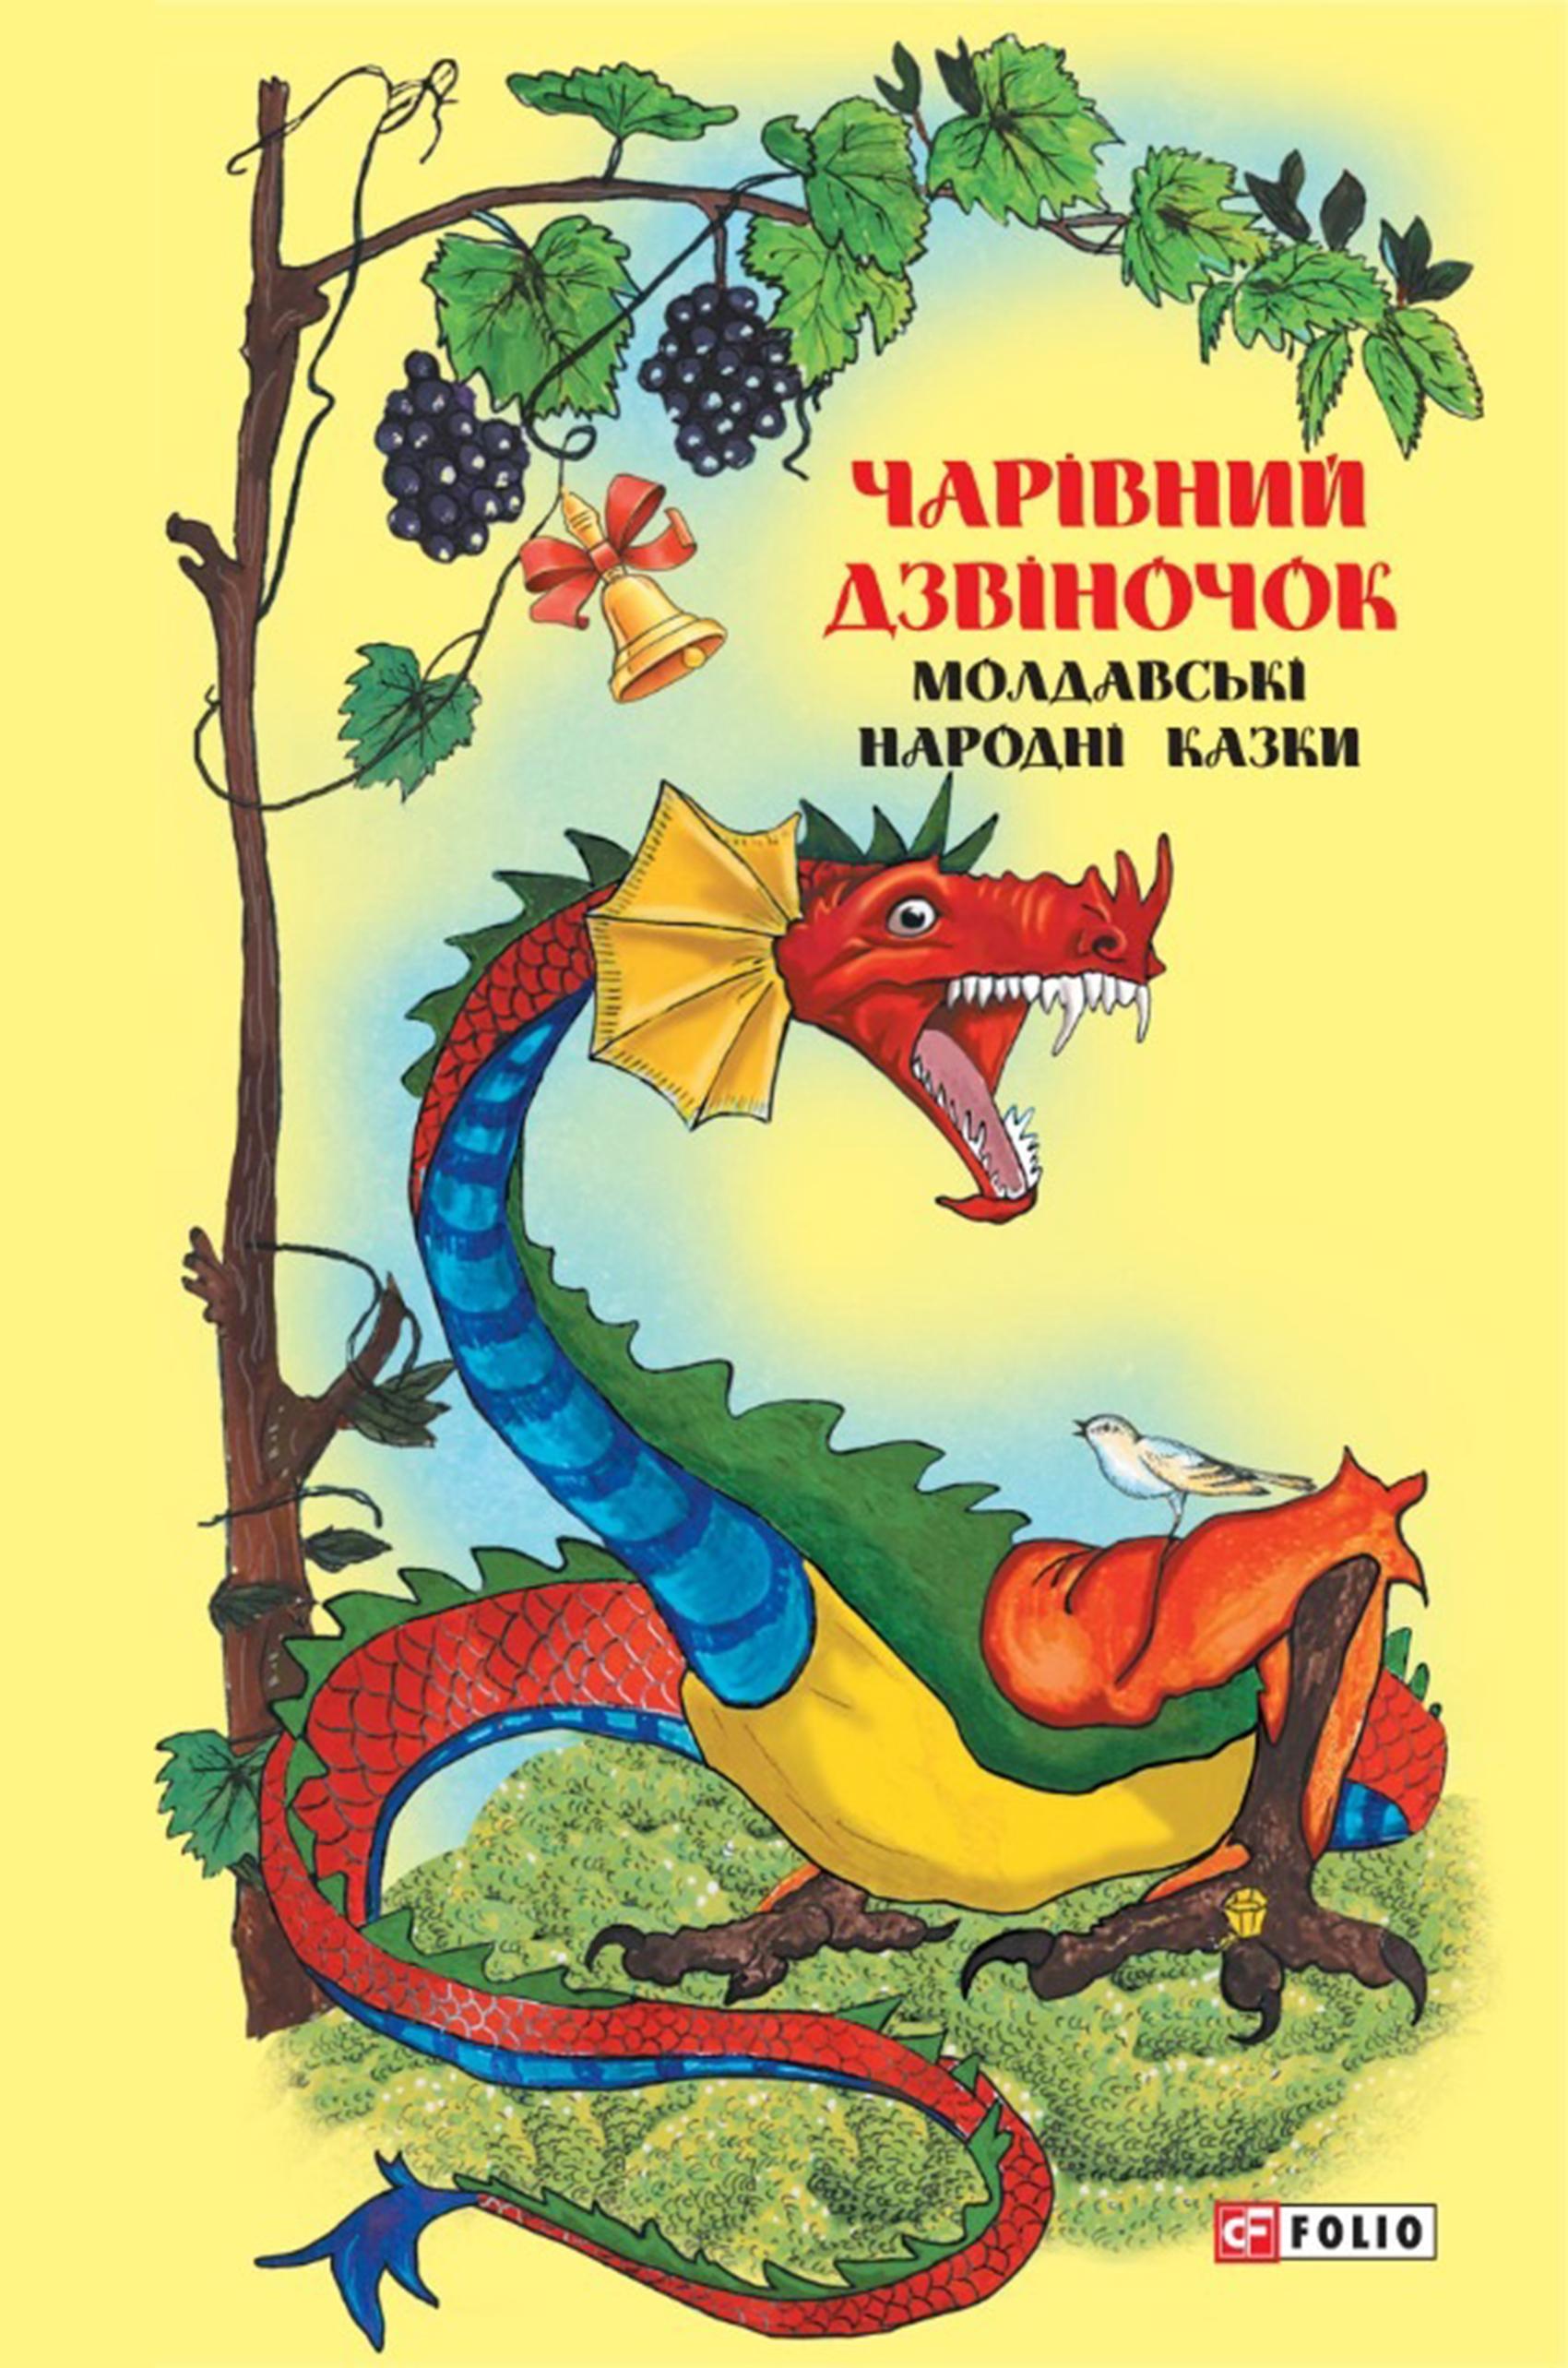 Купить книгу Казки добрих сусідів. Чарівний дзвіночок: Молдавські народні казки, автора Народного творчества